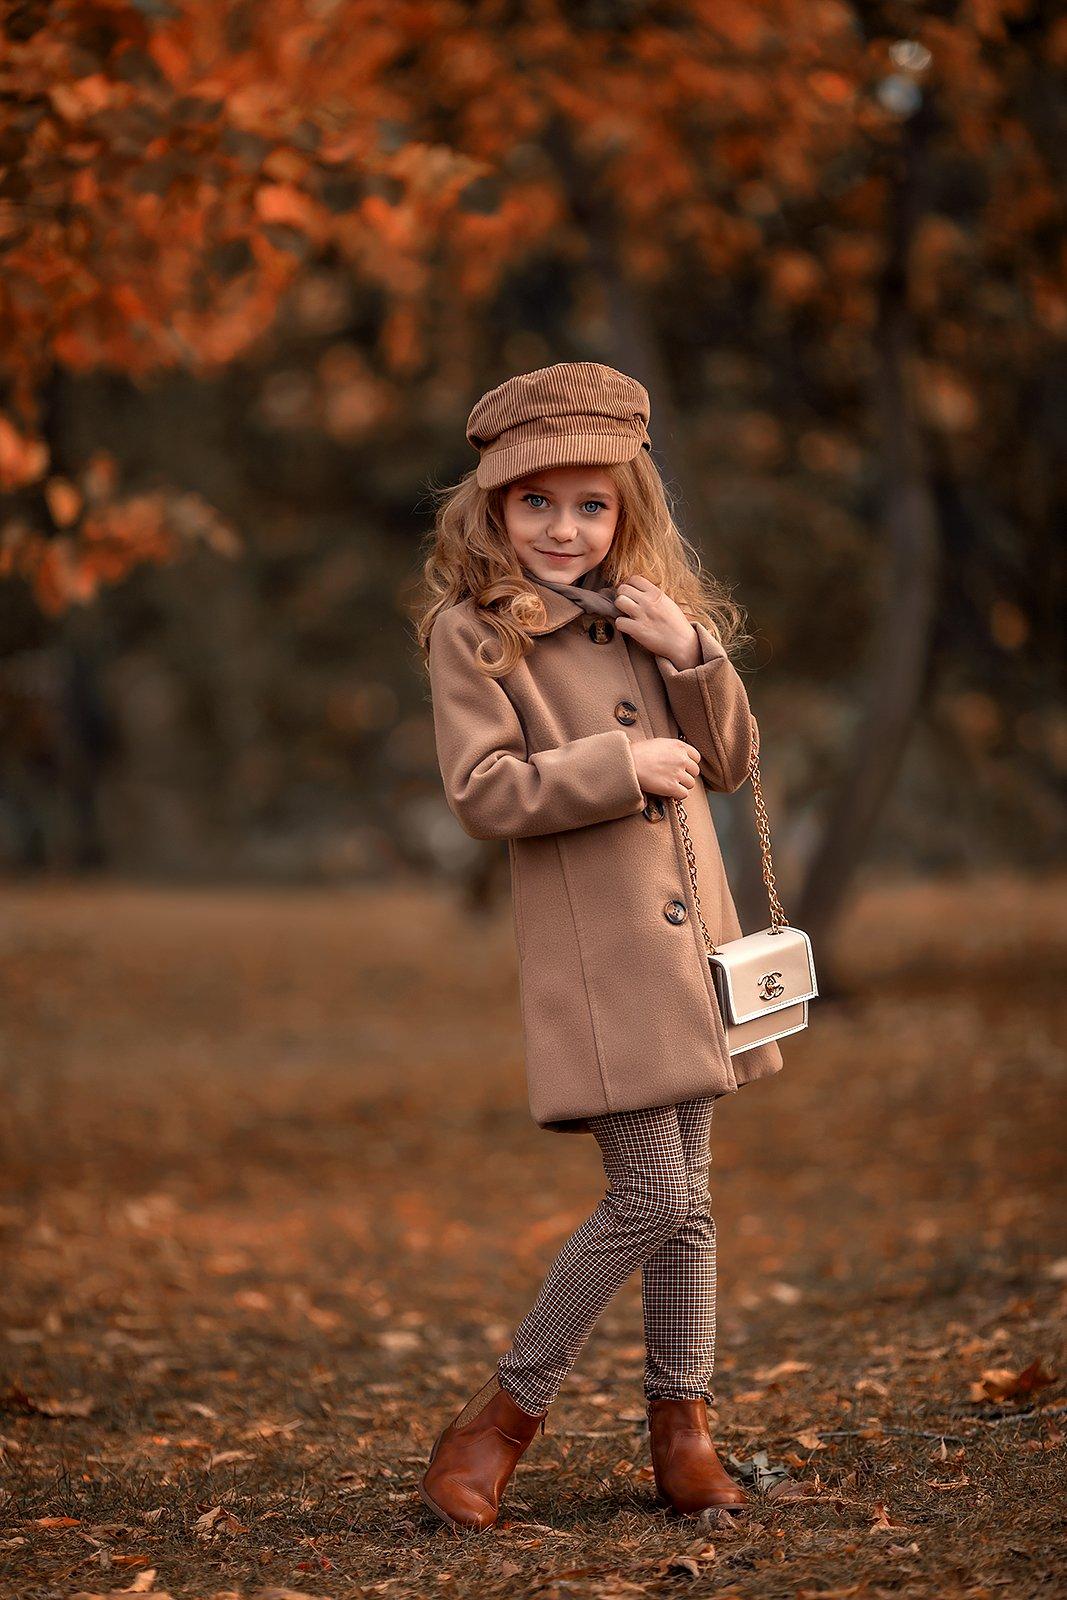 Девочка Ребенок Осень, Ярилин Сергей